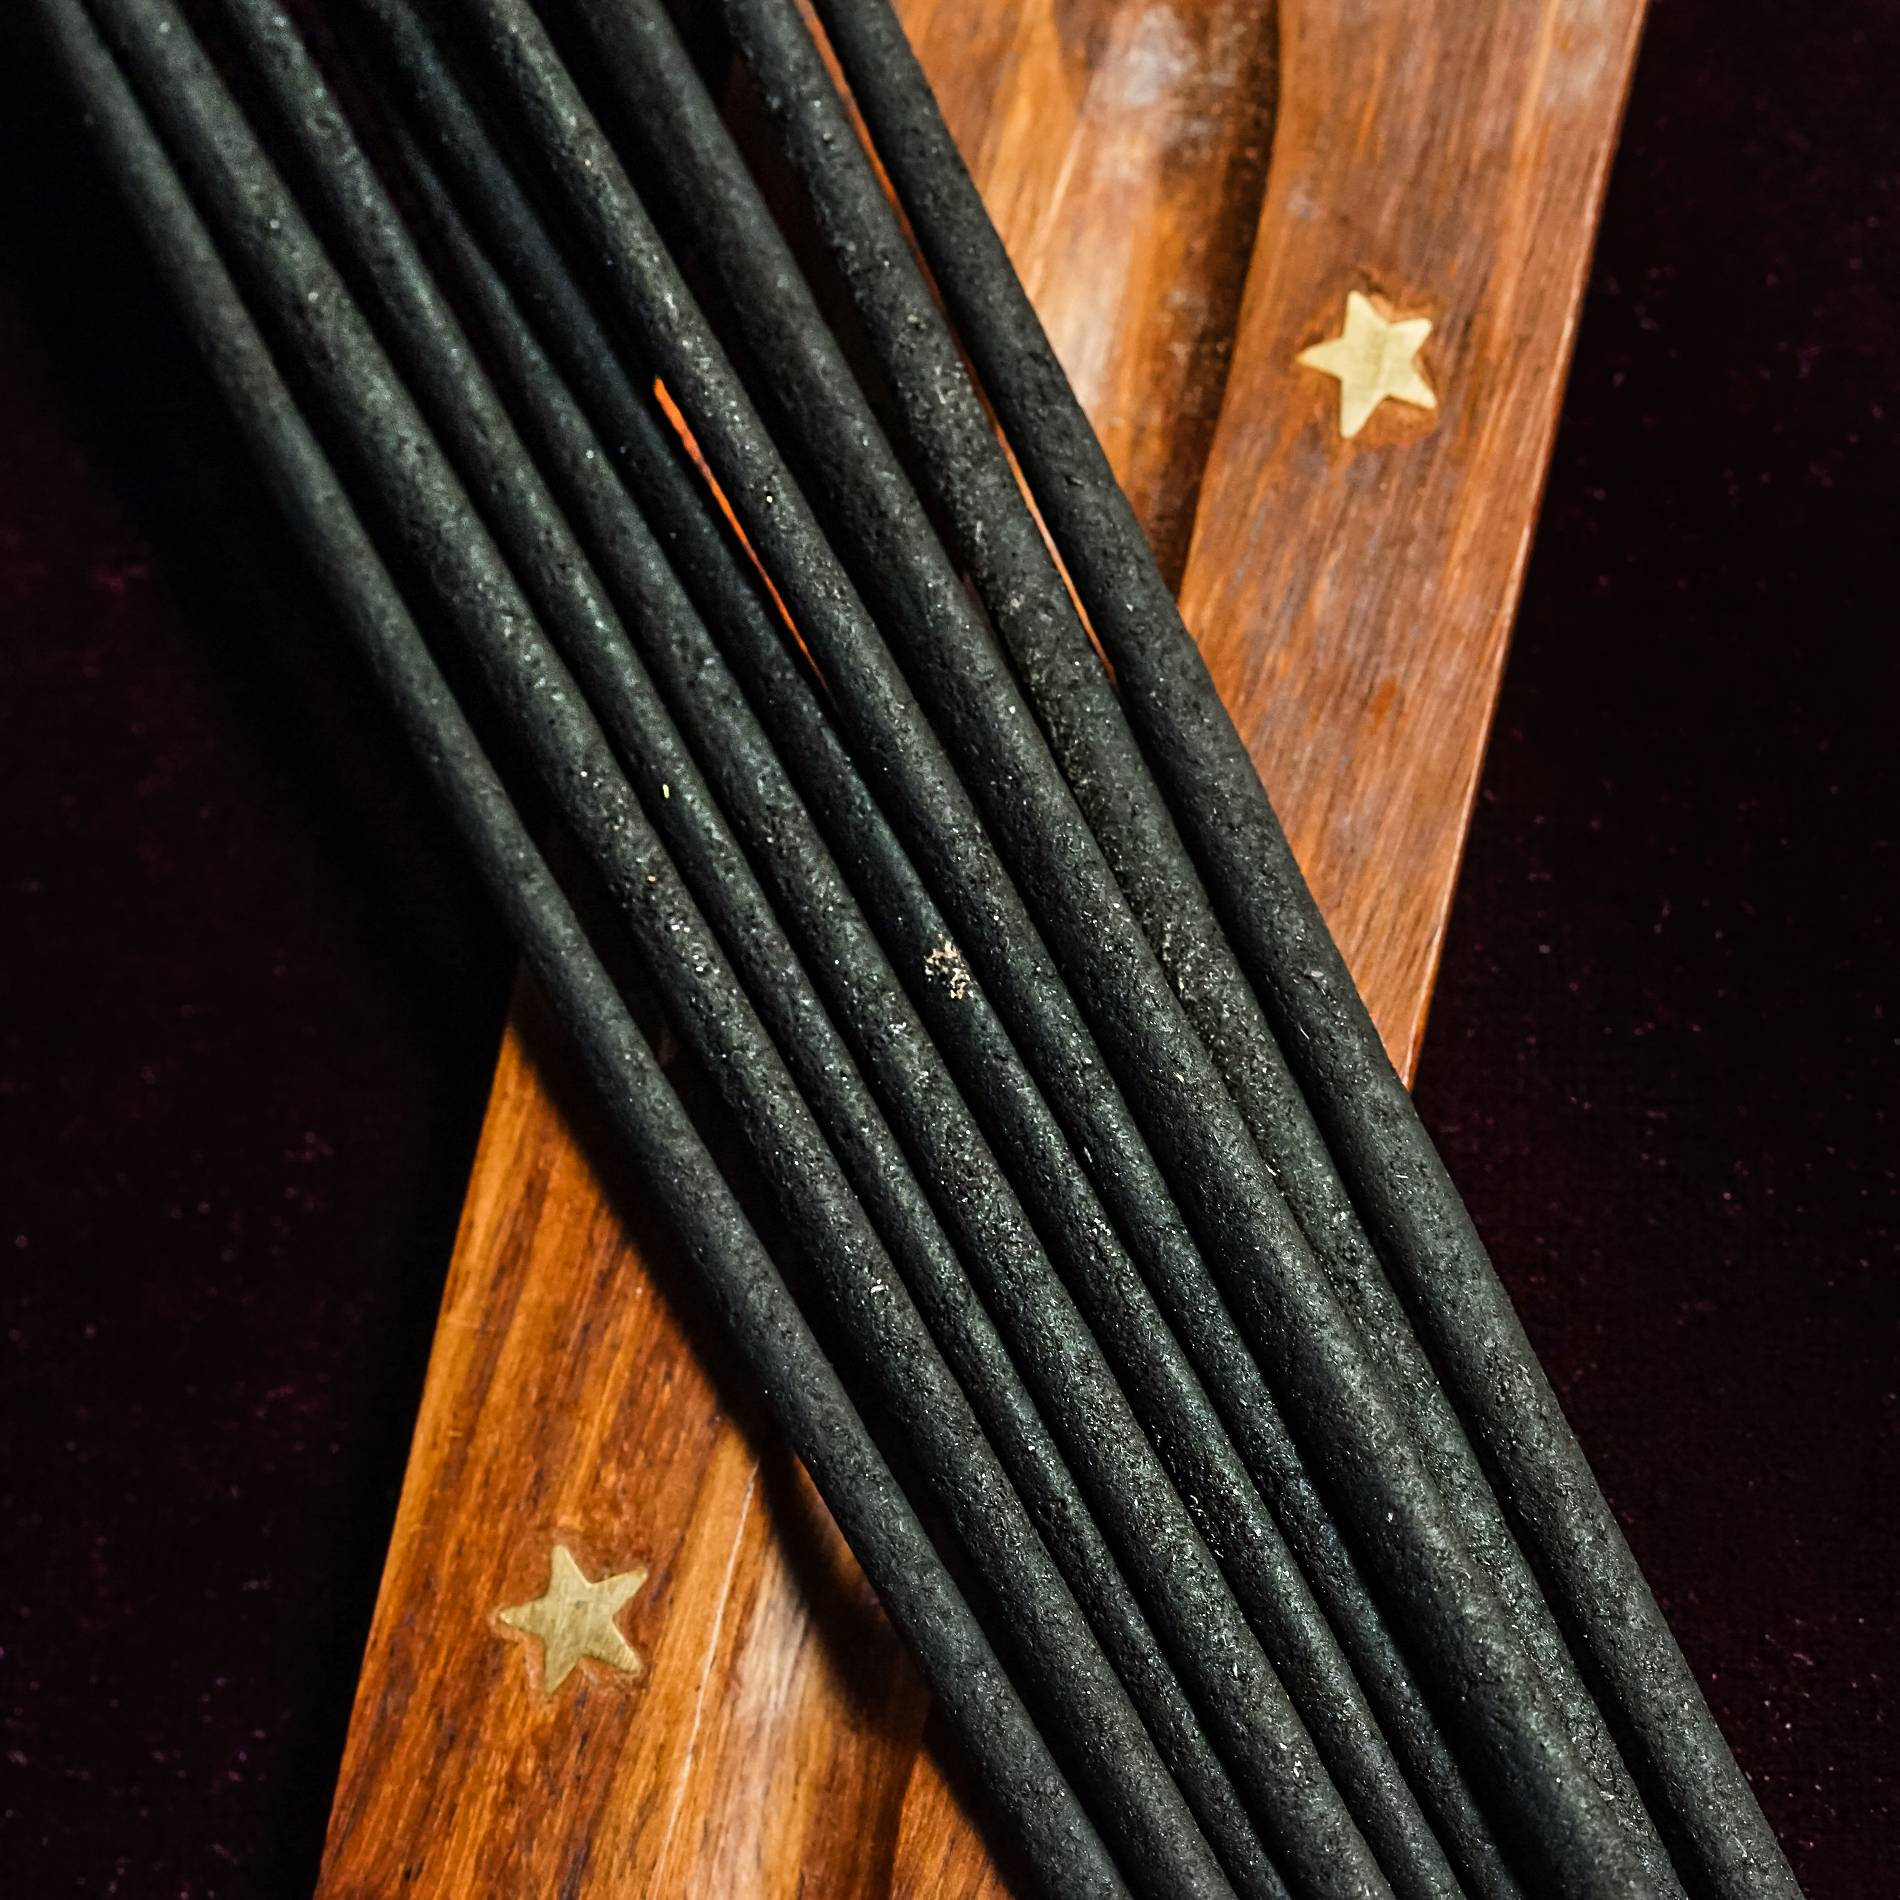 fortuna 2.0 incense sticks